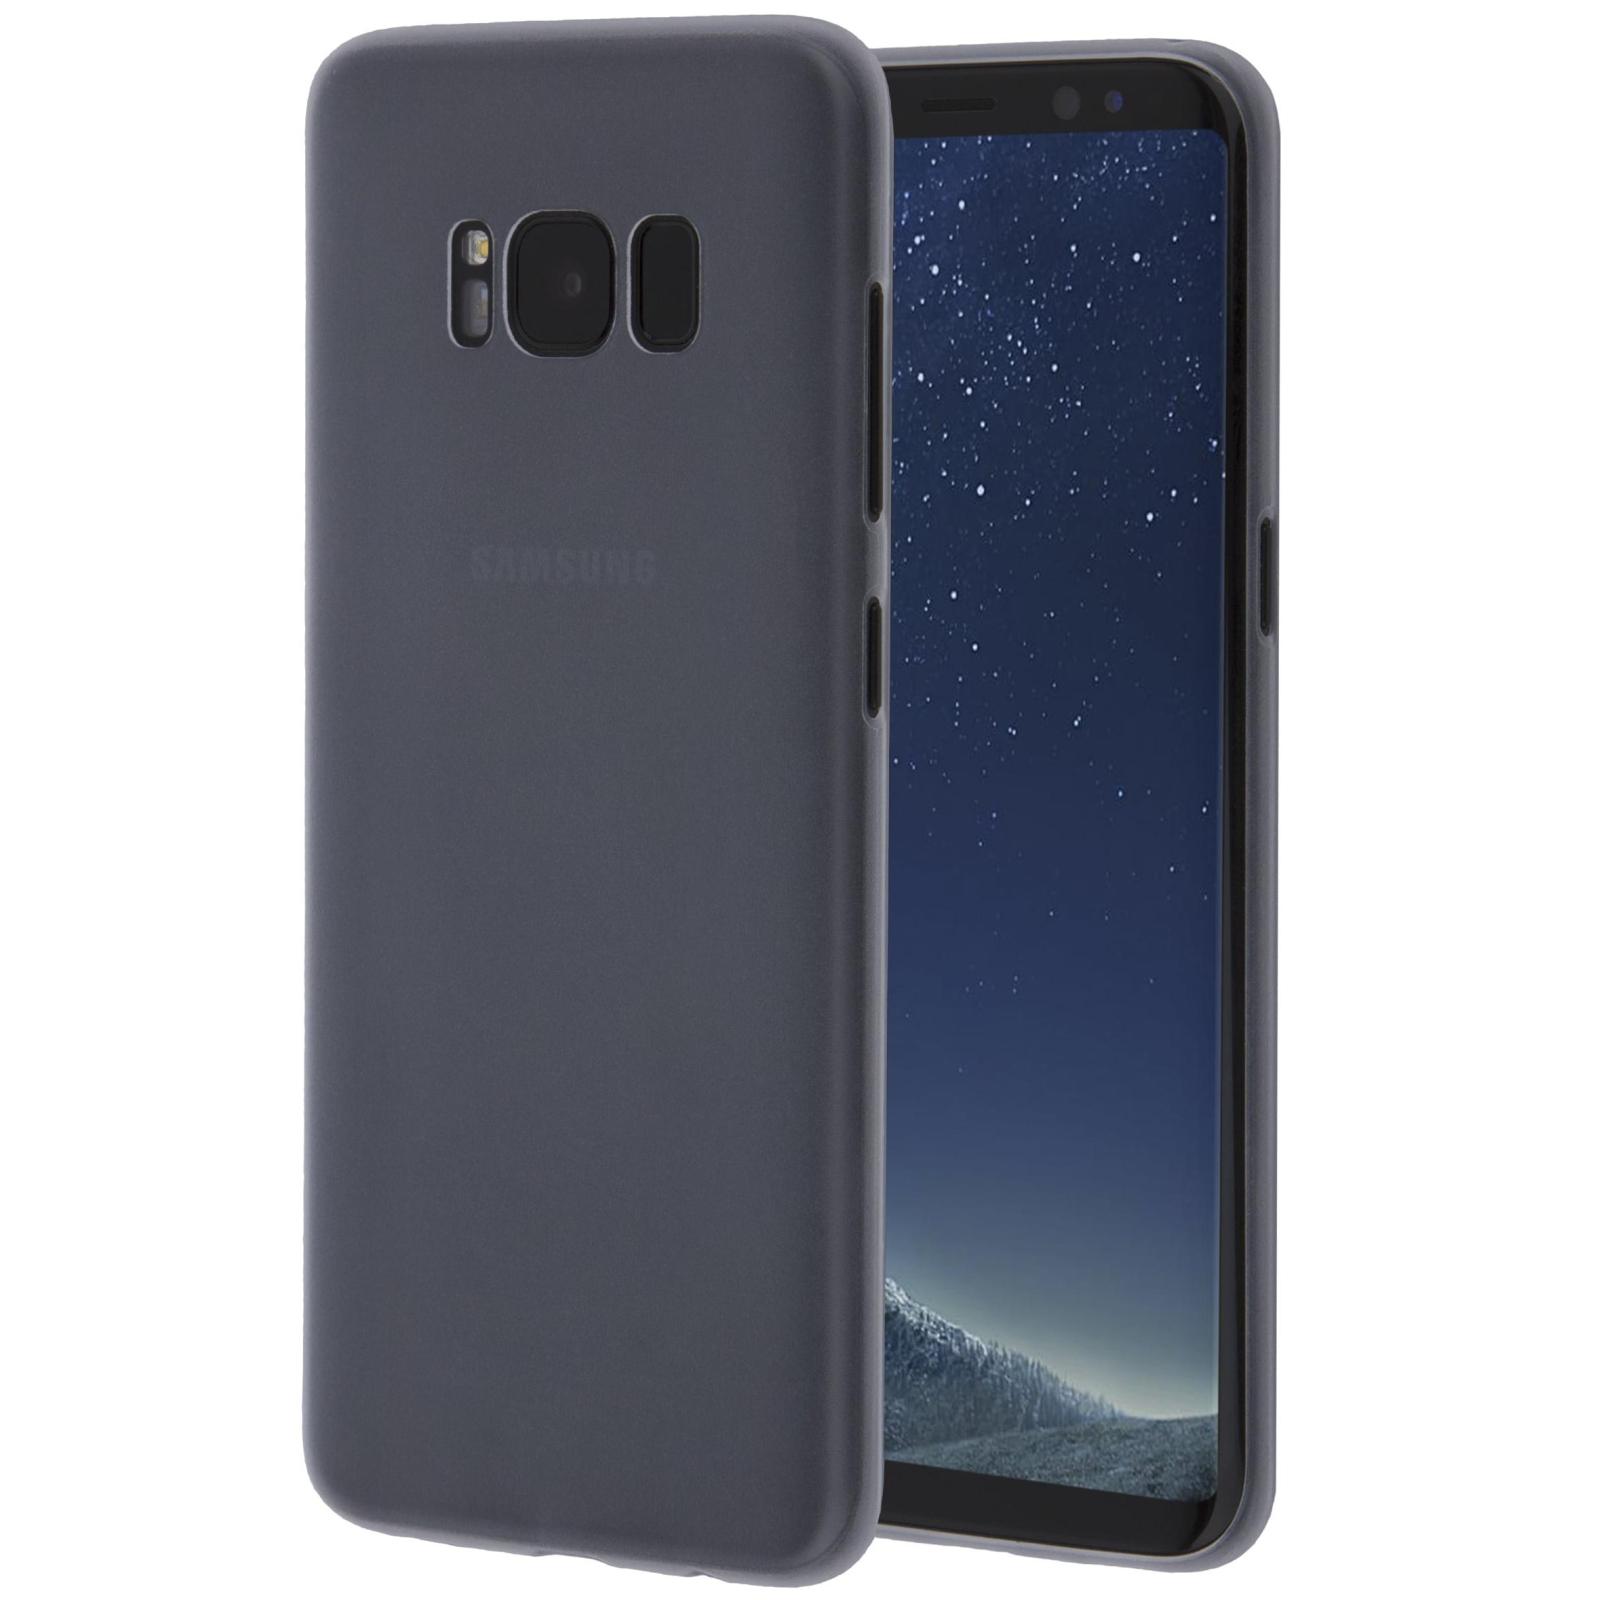 Чехол для моб. телефона MakeFuture Ice Case (PP) для Samsung S8 Grey (MCI-SS8GR) изображение 2